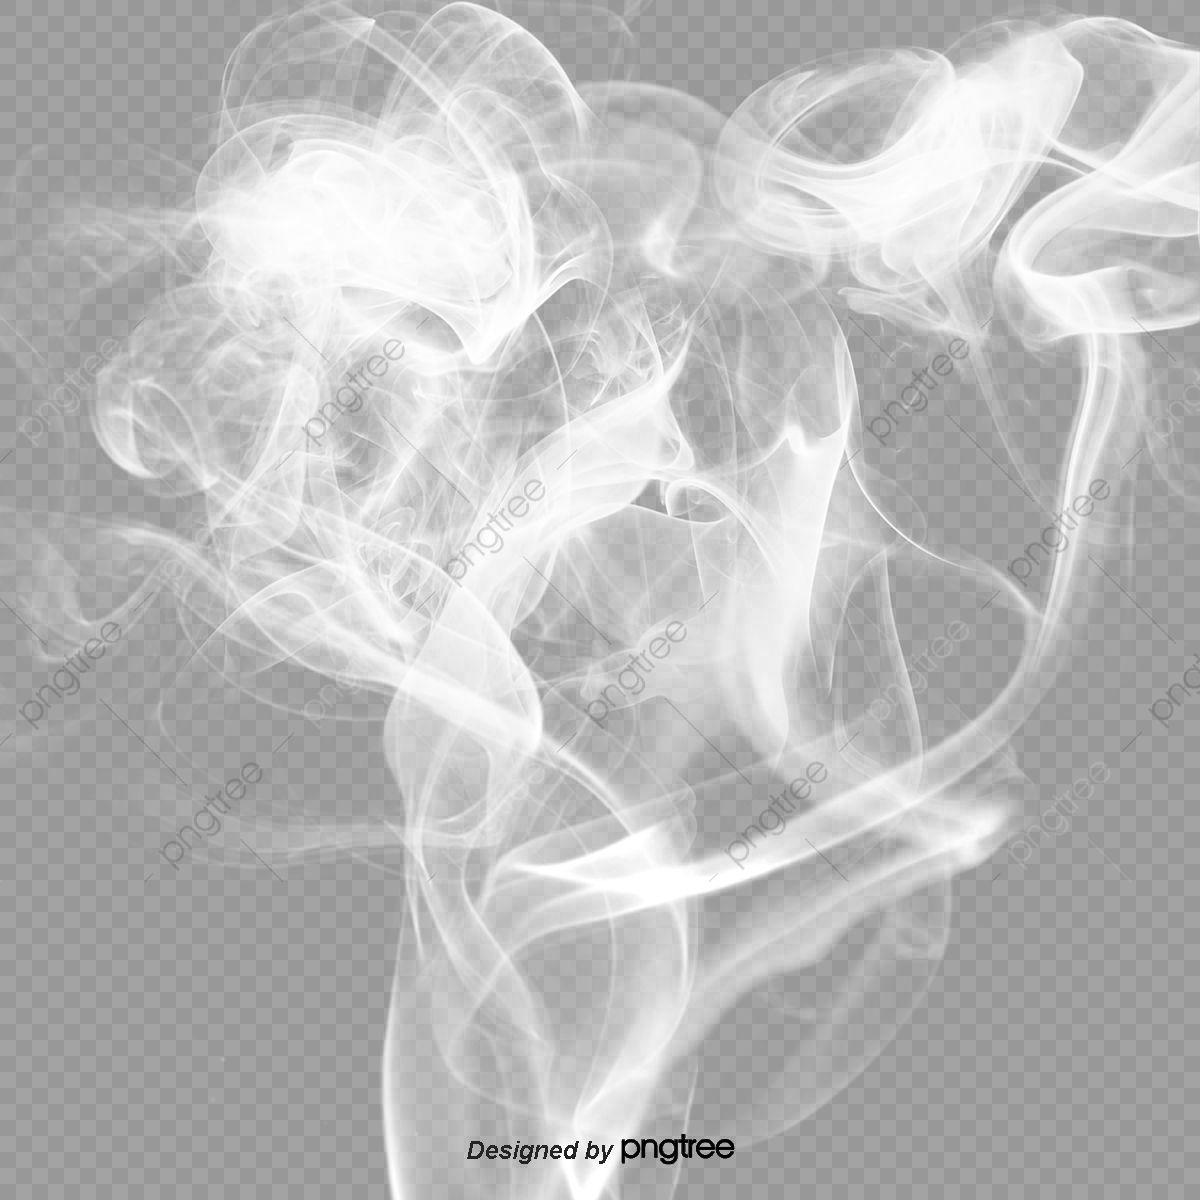 Elementos Flutuantes De Fumaca Branca Elemento Flutuador Simples Imagem Png E Psd Para Download Gratuito Smoke Texture Black Background Images Clip Art